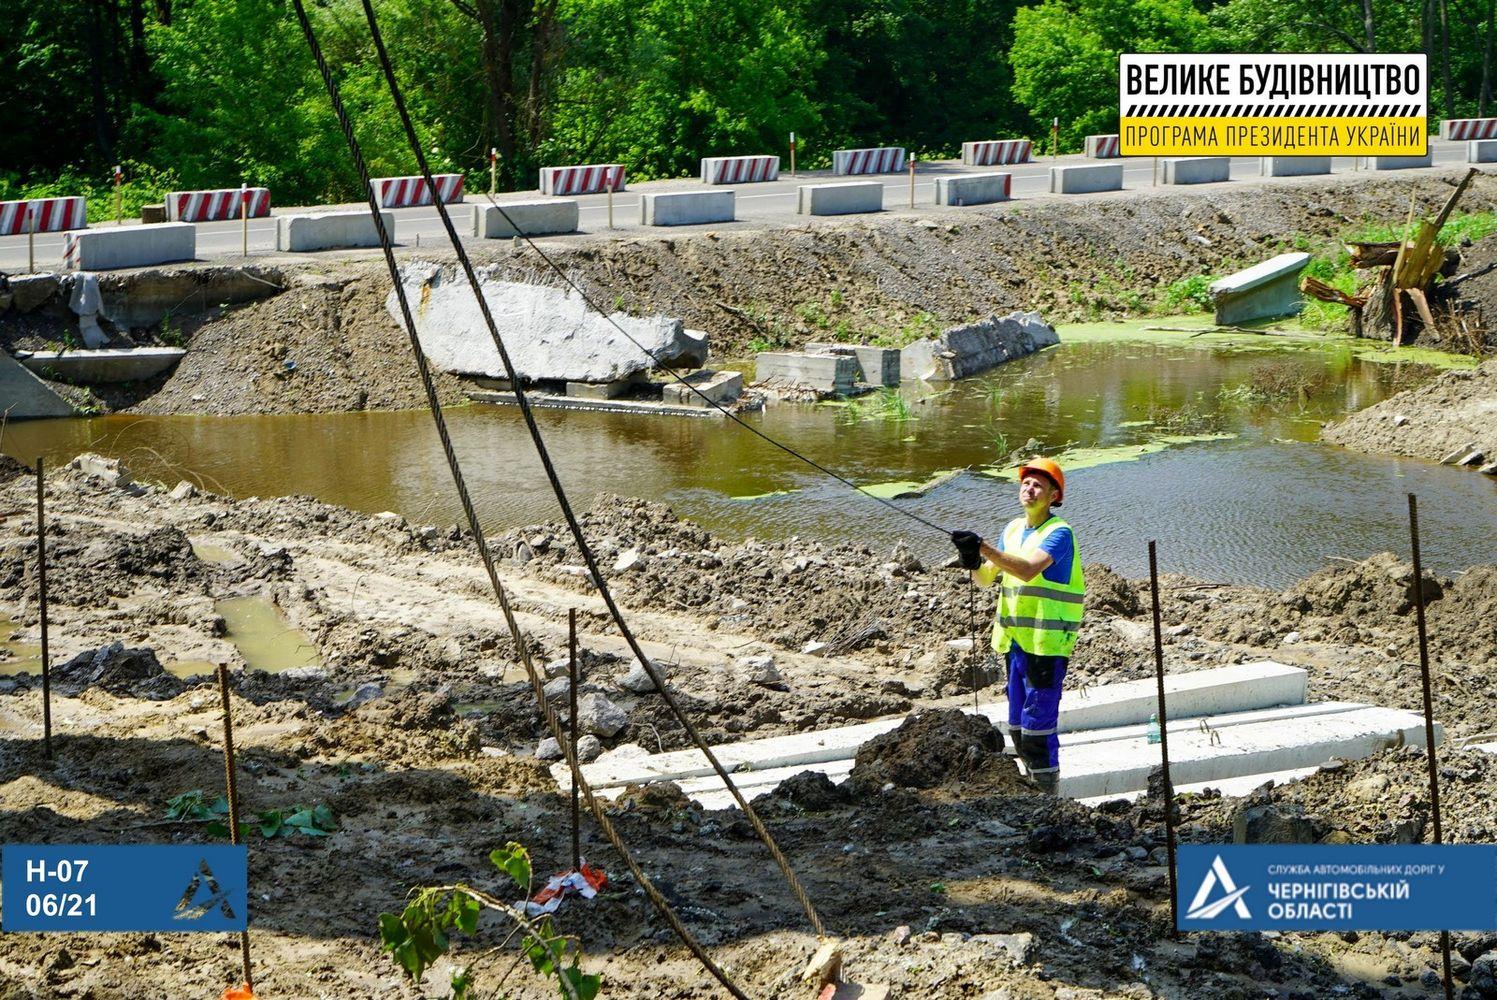 «Велике будівництво»: реконструкція мосту через річку Лисогір (Фото)